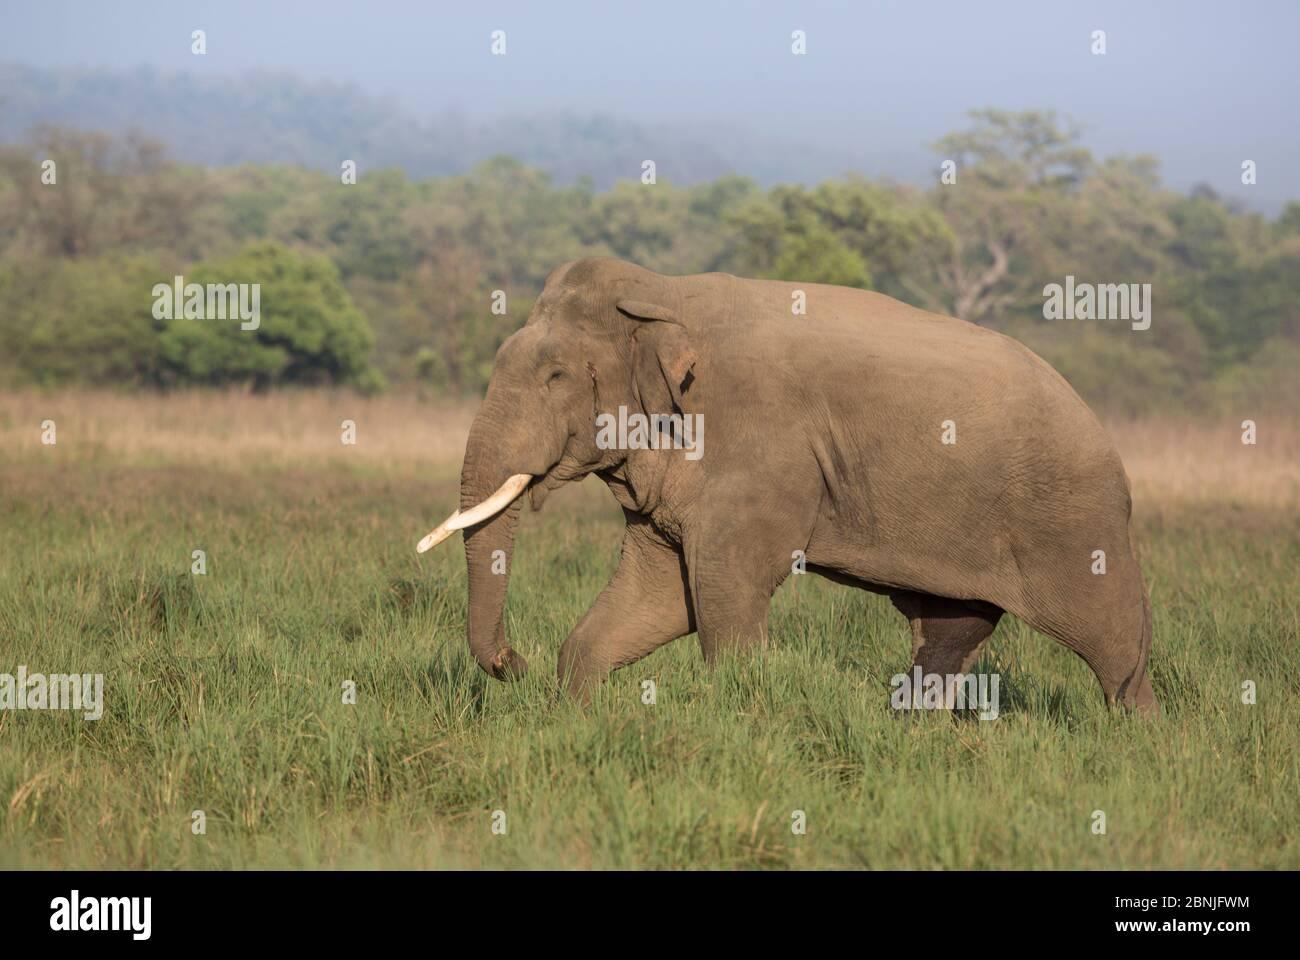 Asiatischer Elefant (Elephas maximus), Männchen mit Musth-Sekret aus der Schläfendrüse nahe dem Ohr sichtbar. Jim Corbett National Park, Indien. Stockfoto